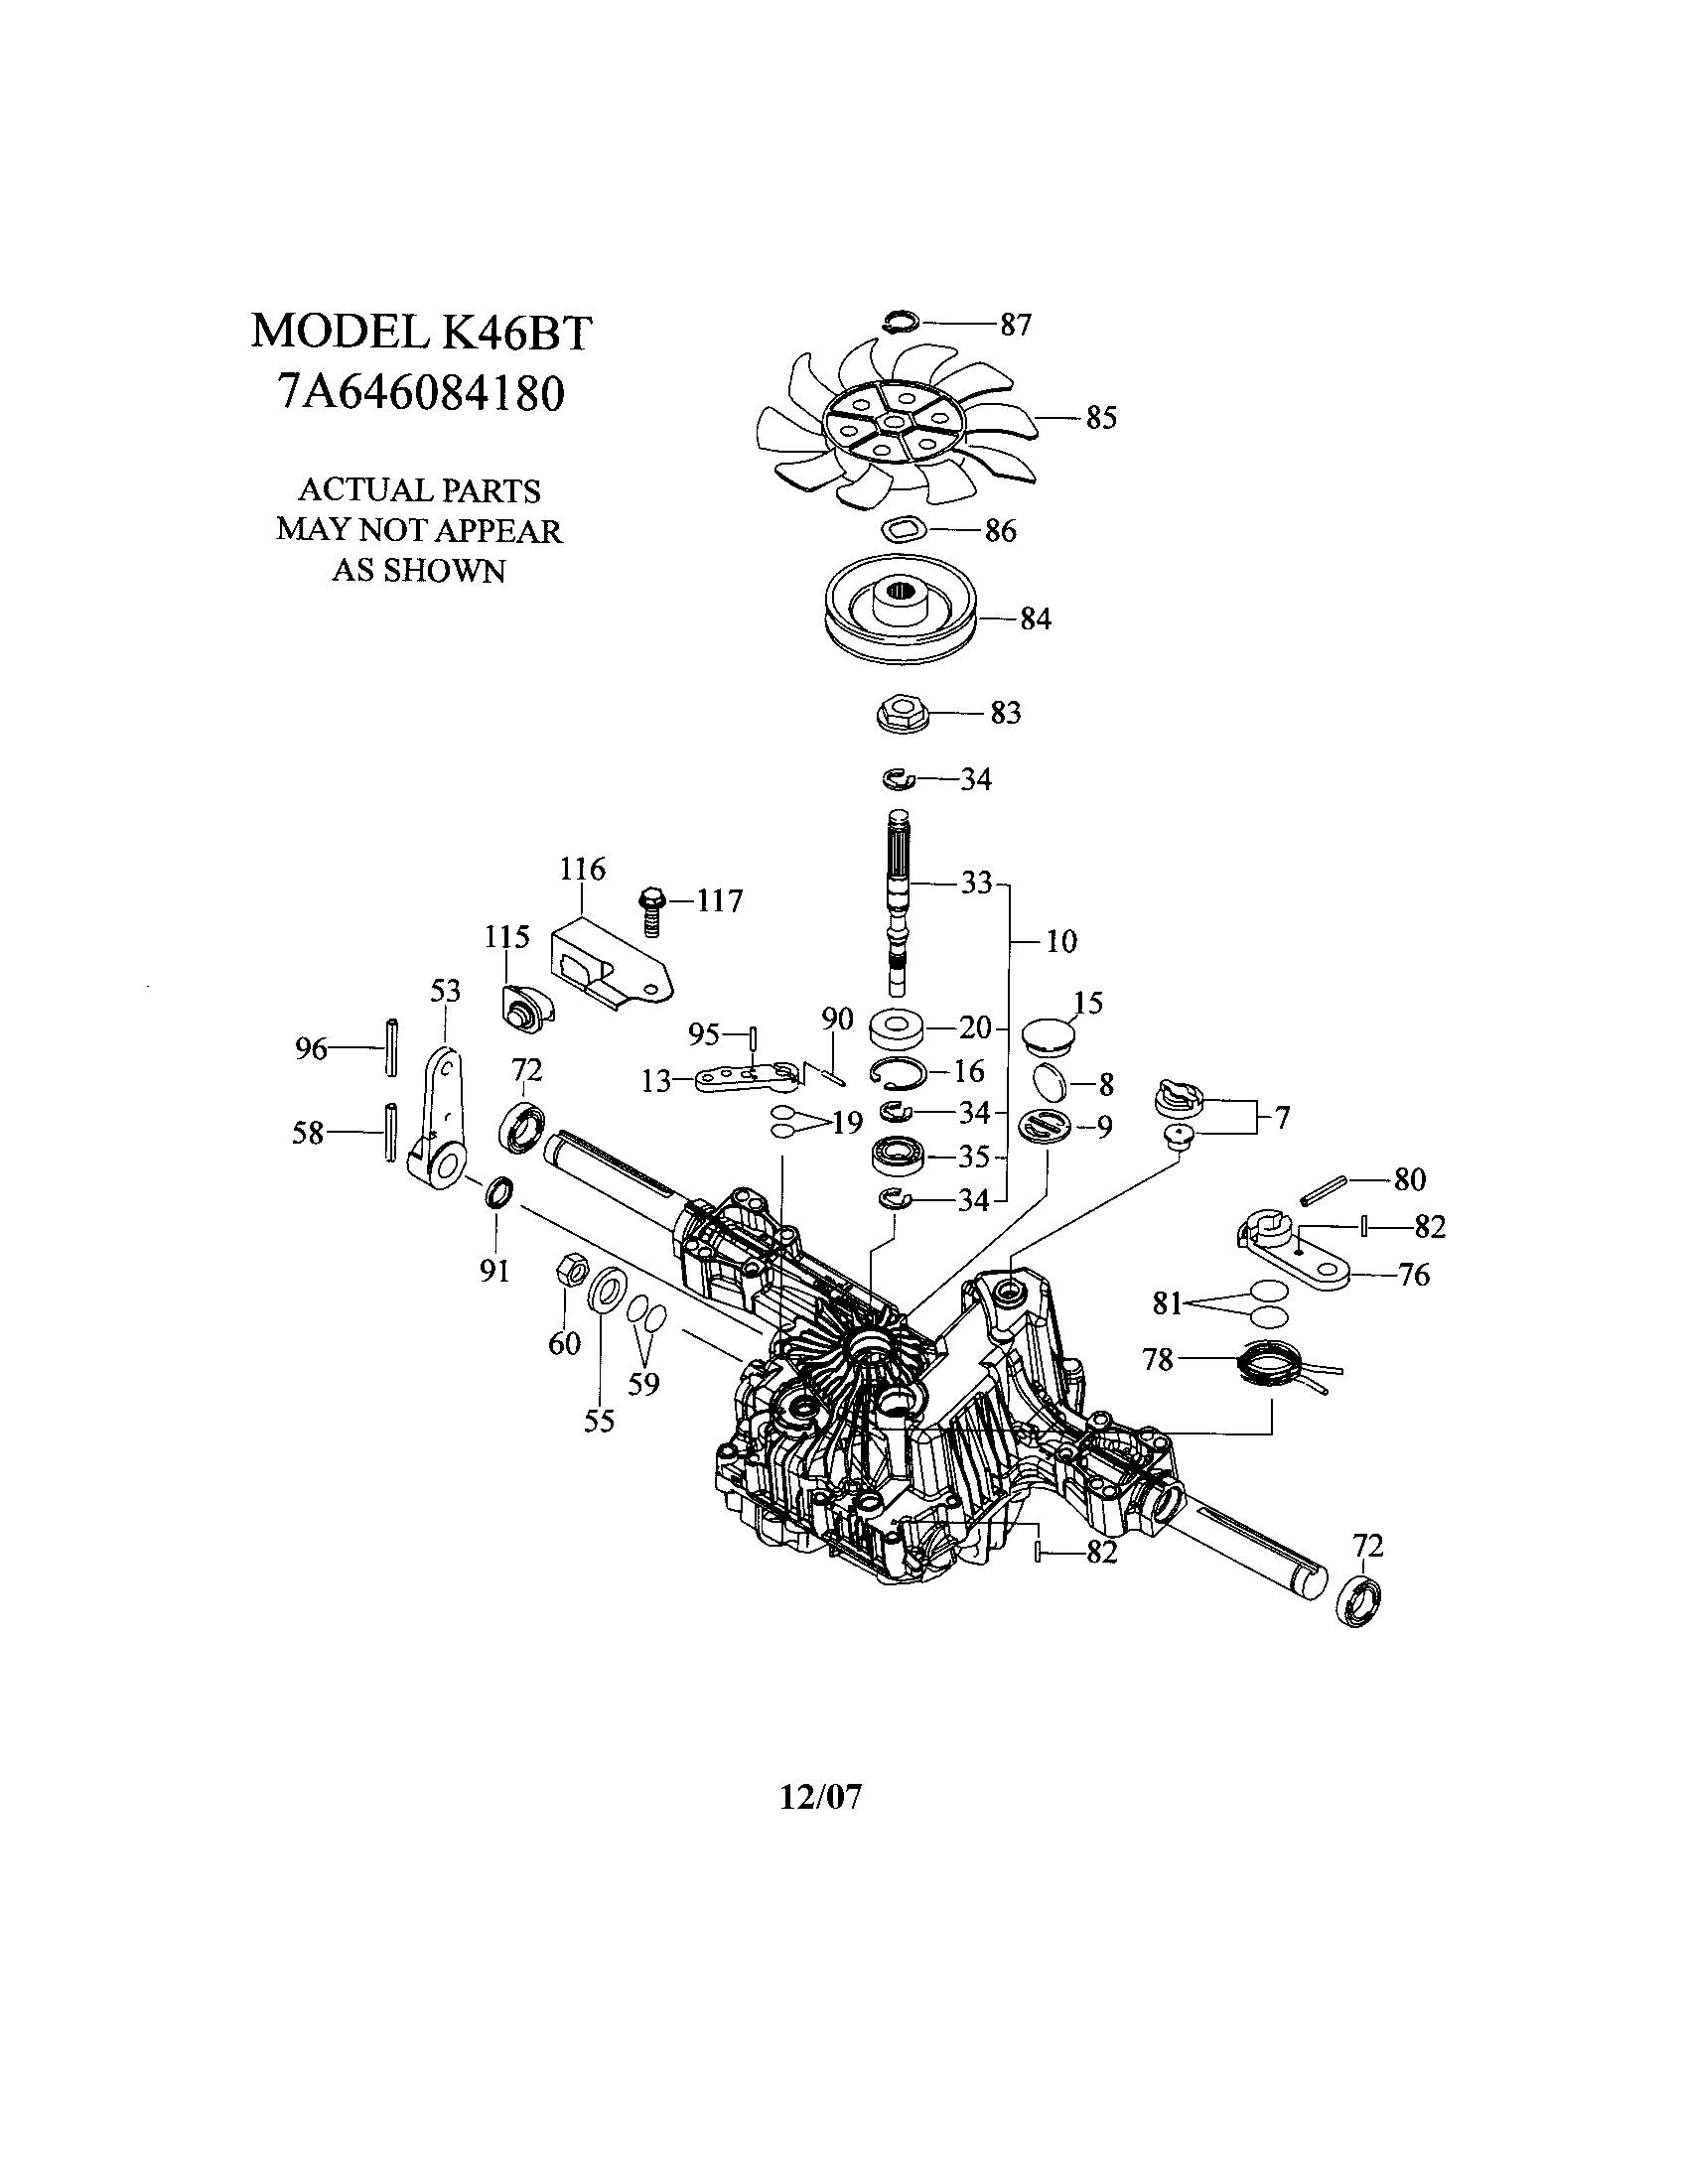 Craftsman Ltx 1000 Parts Diagram 917 Craftsman 26 Hp 54 Inch Automatic Lawn Tractor Manual Of Craftsman Ltx 1000 Parts Diagram